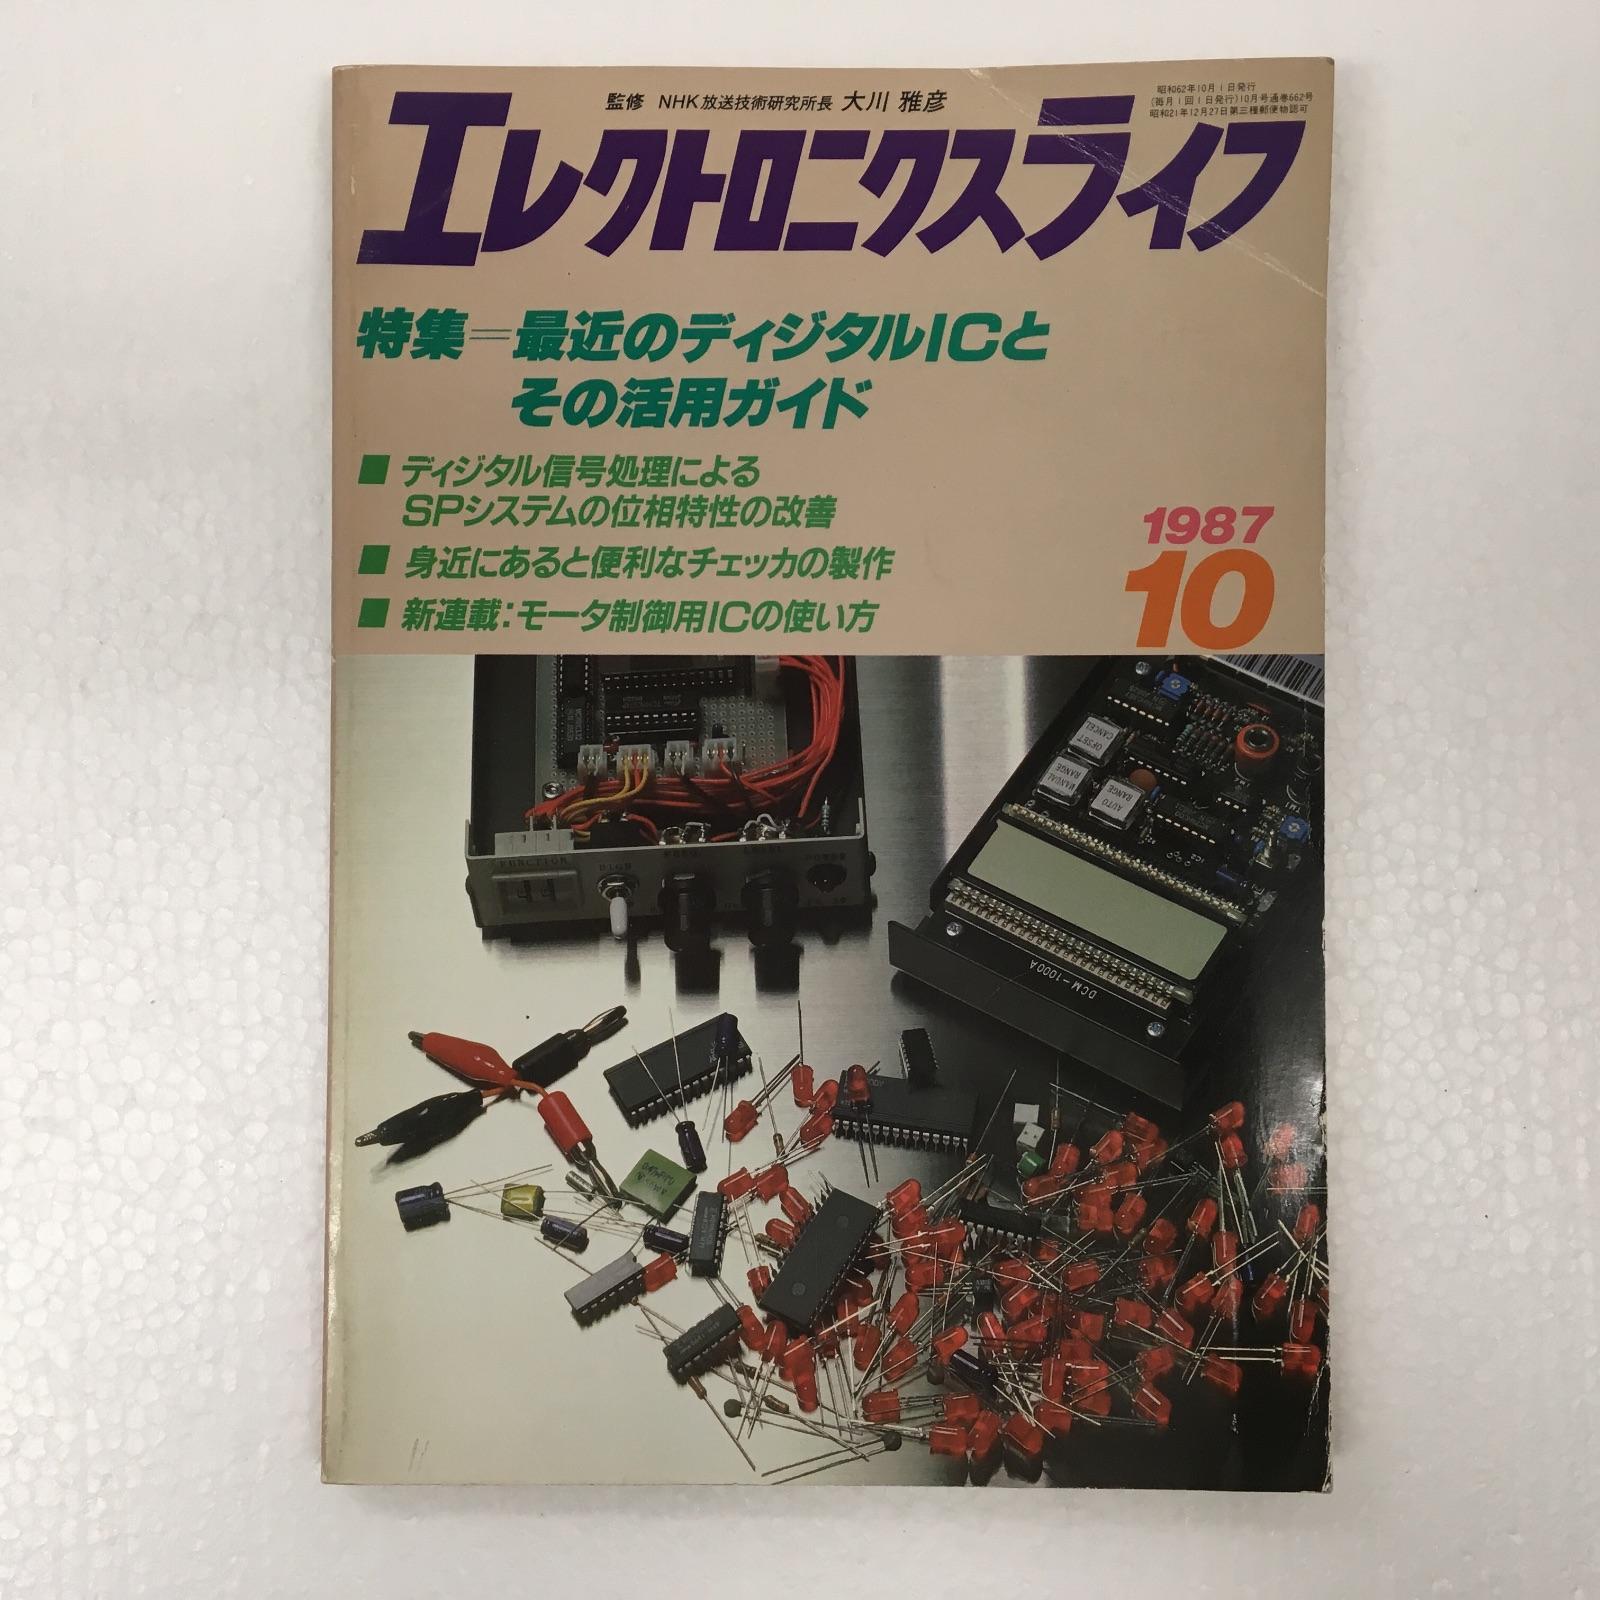 エレクトロニクスライフ 1987年10月号 日本放送出版協会 画像